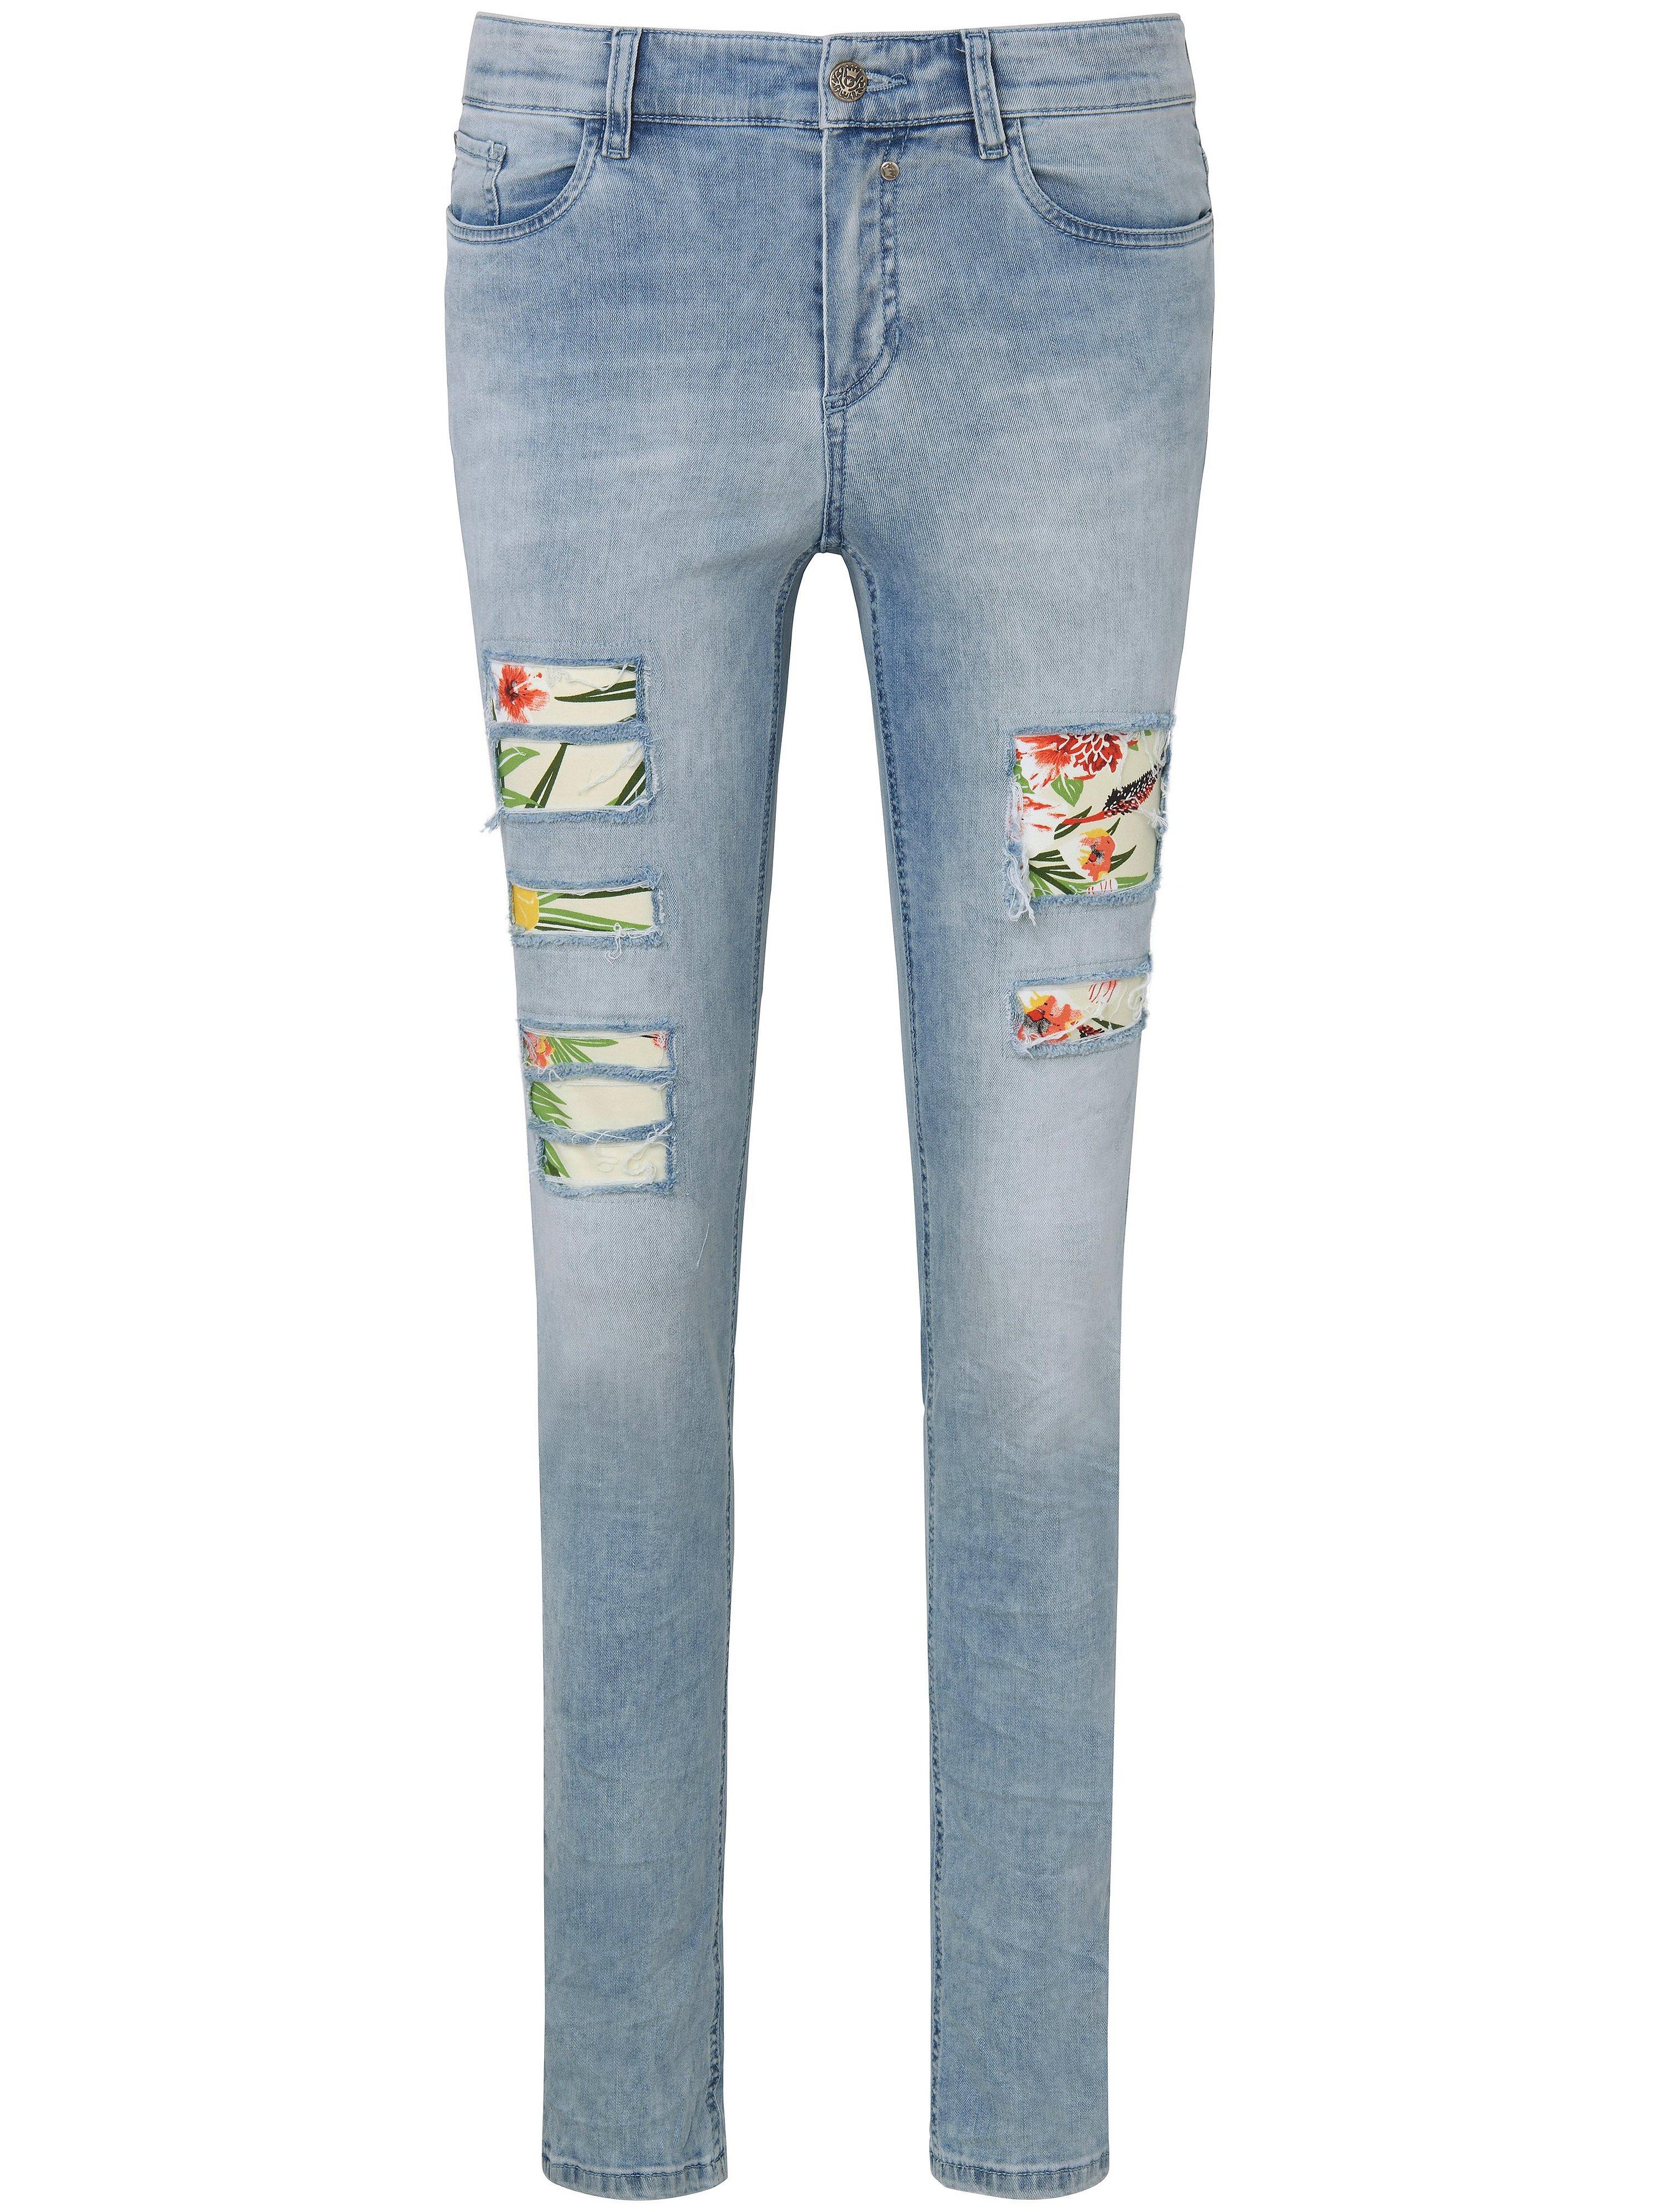 Le jean modèle Gill  Glücksmoment denim taille 42